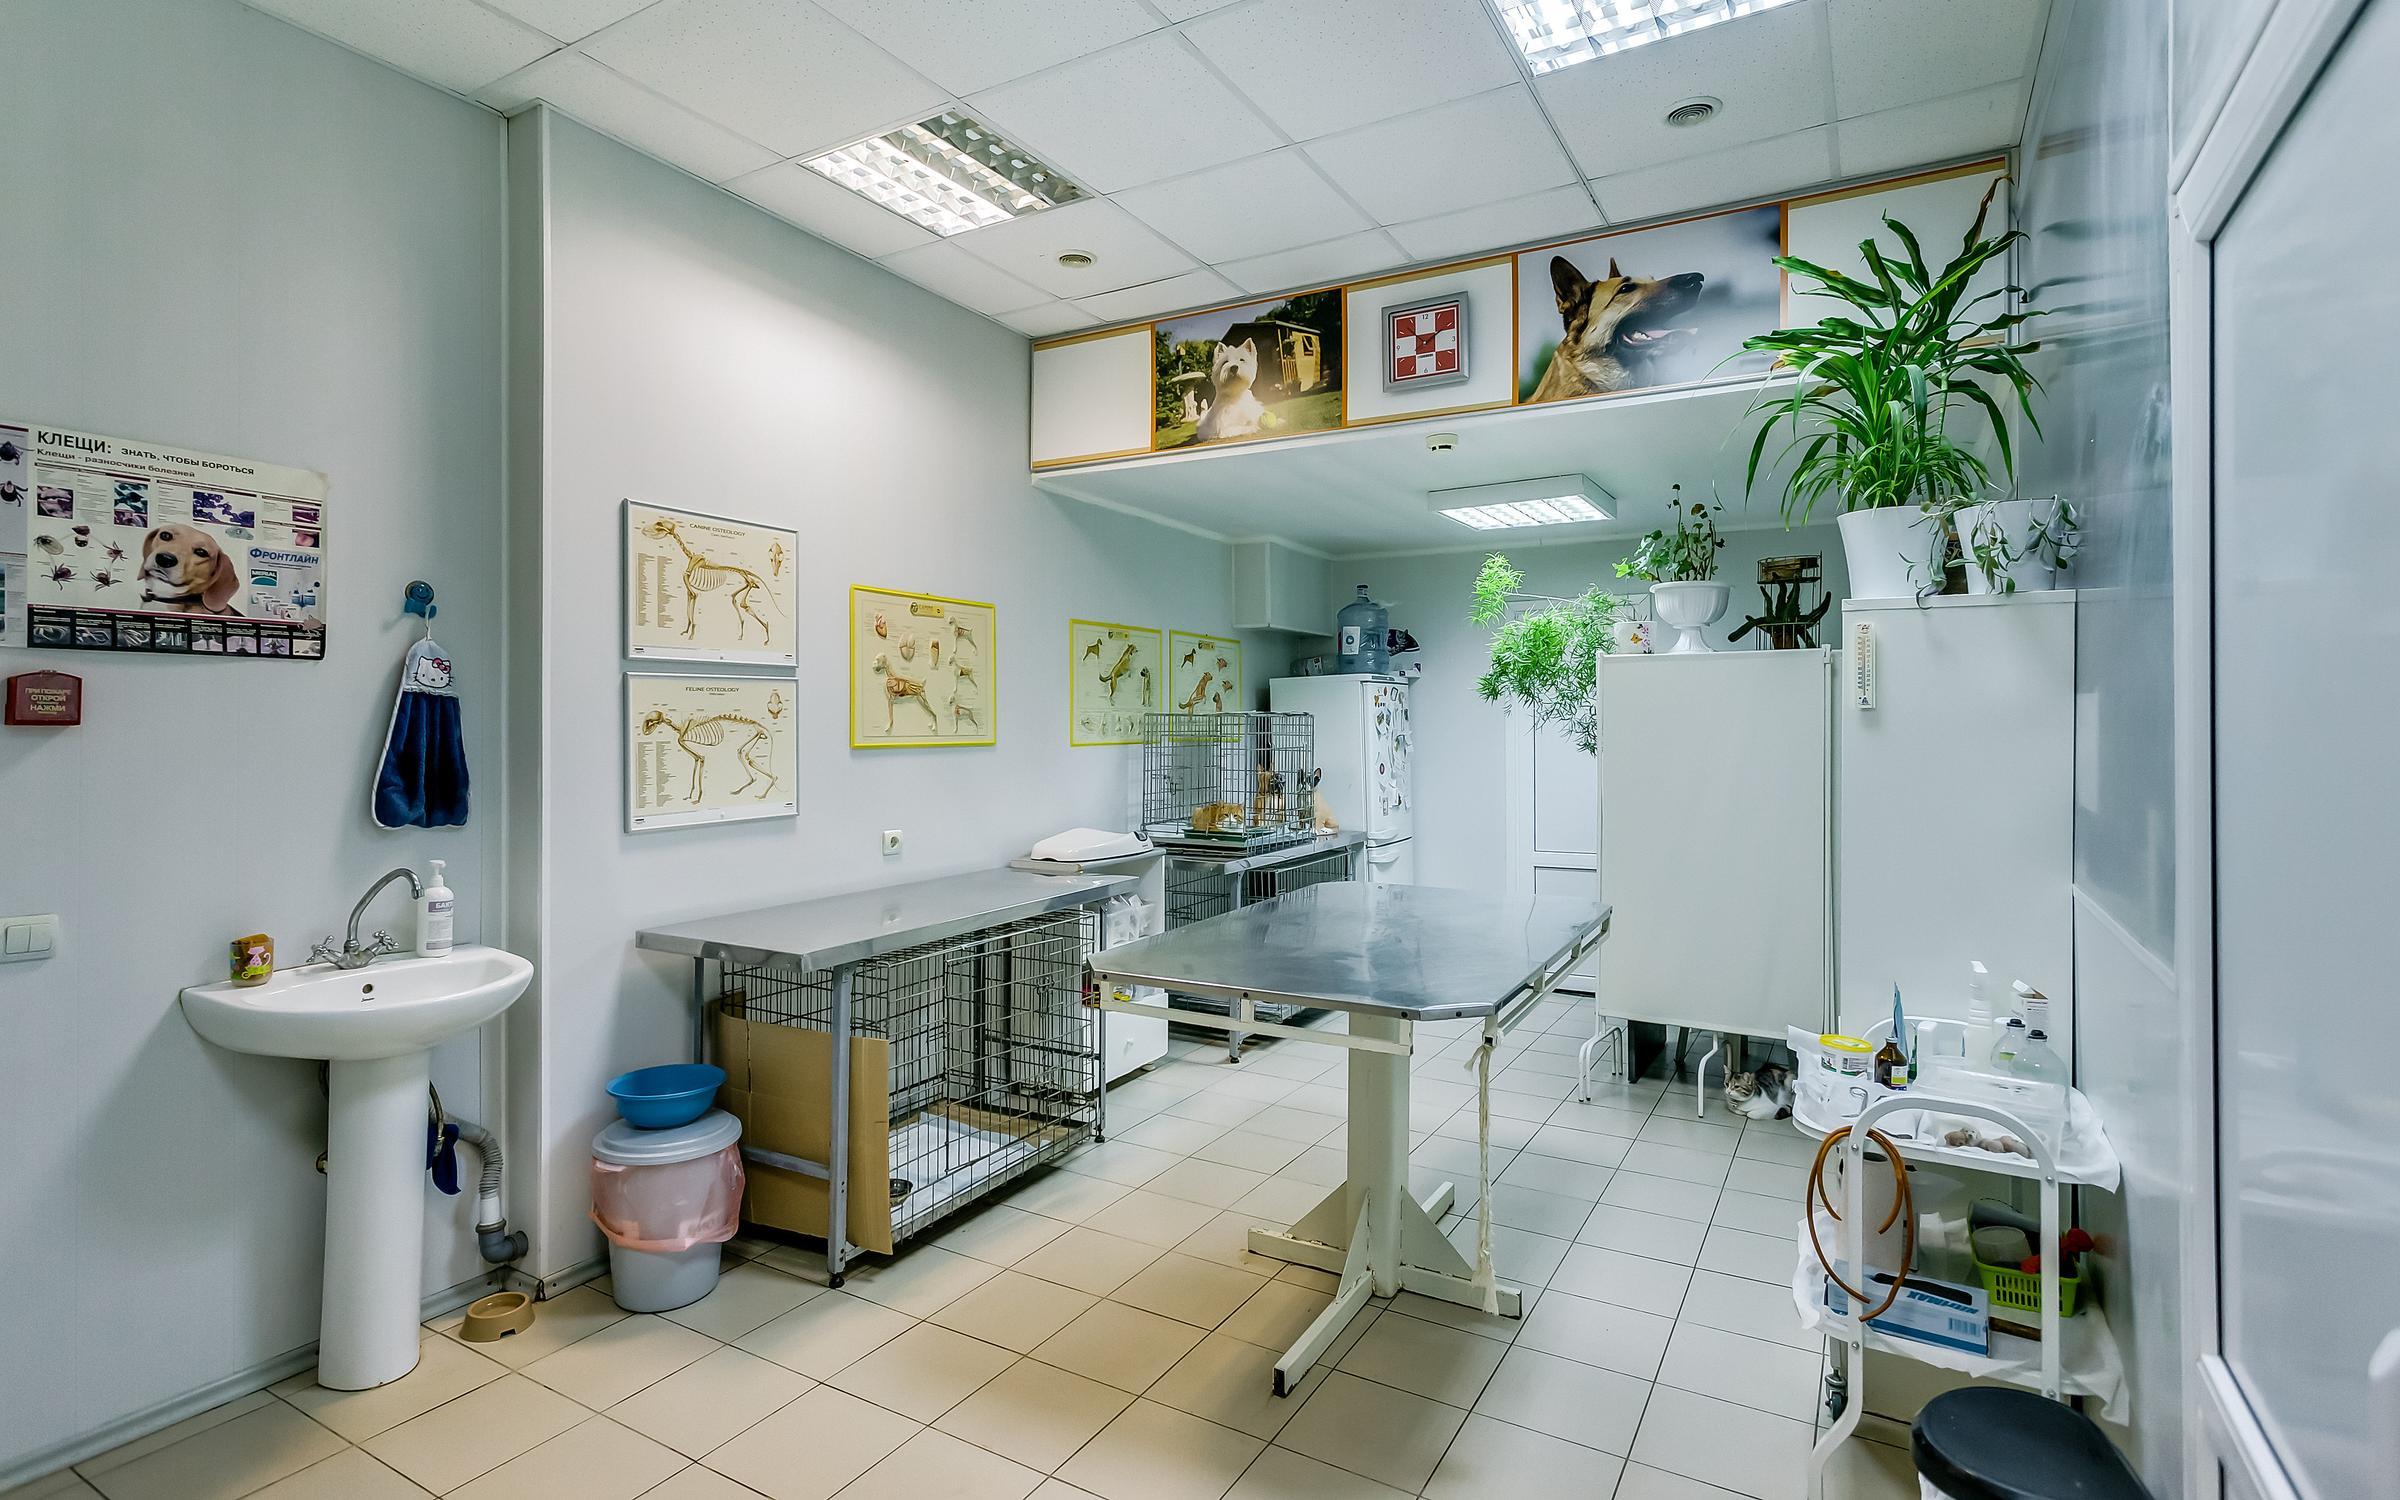 фотография Ветеринарной клиники доктора Зарубина в Ворошиловском районе